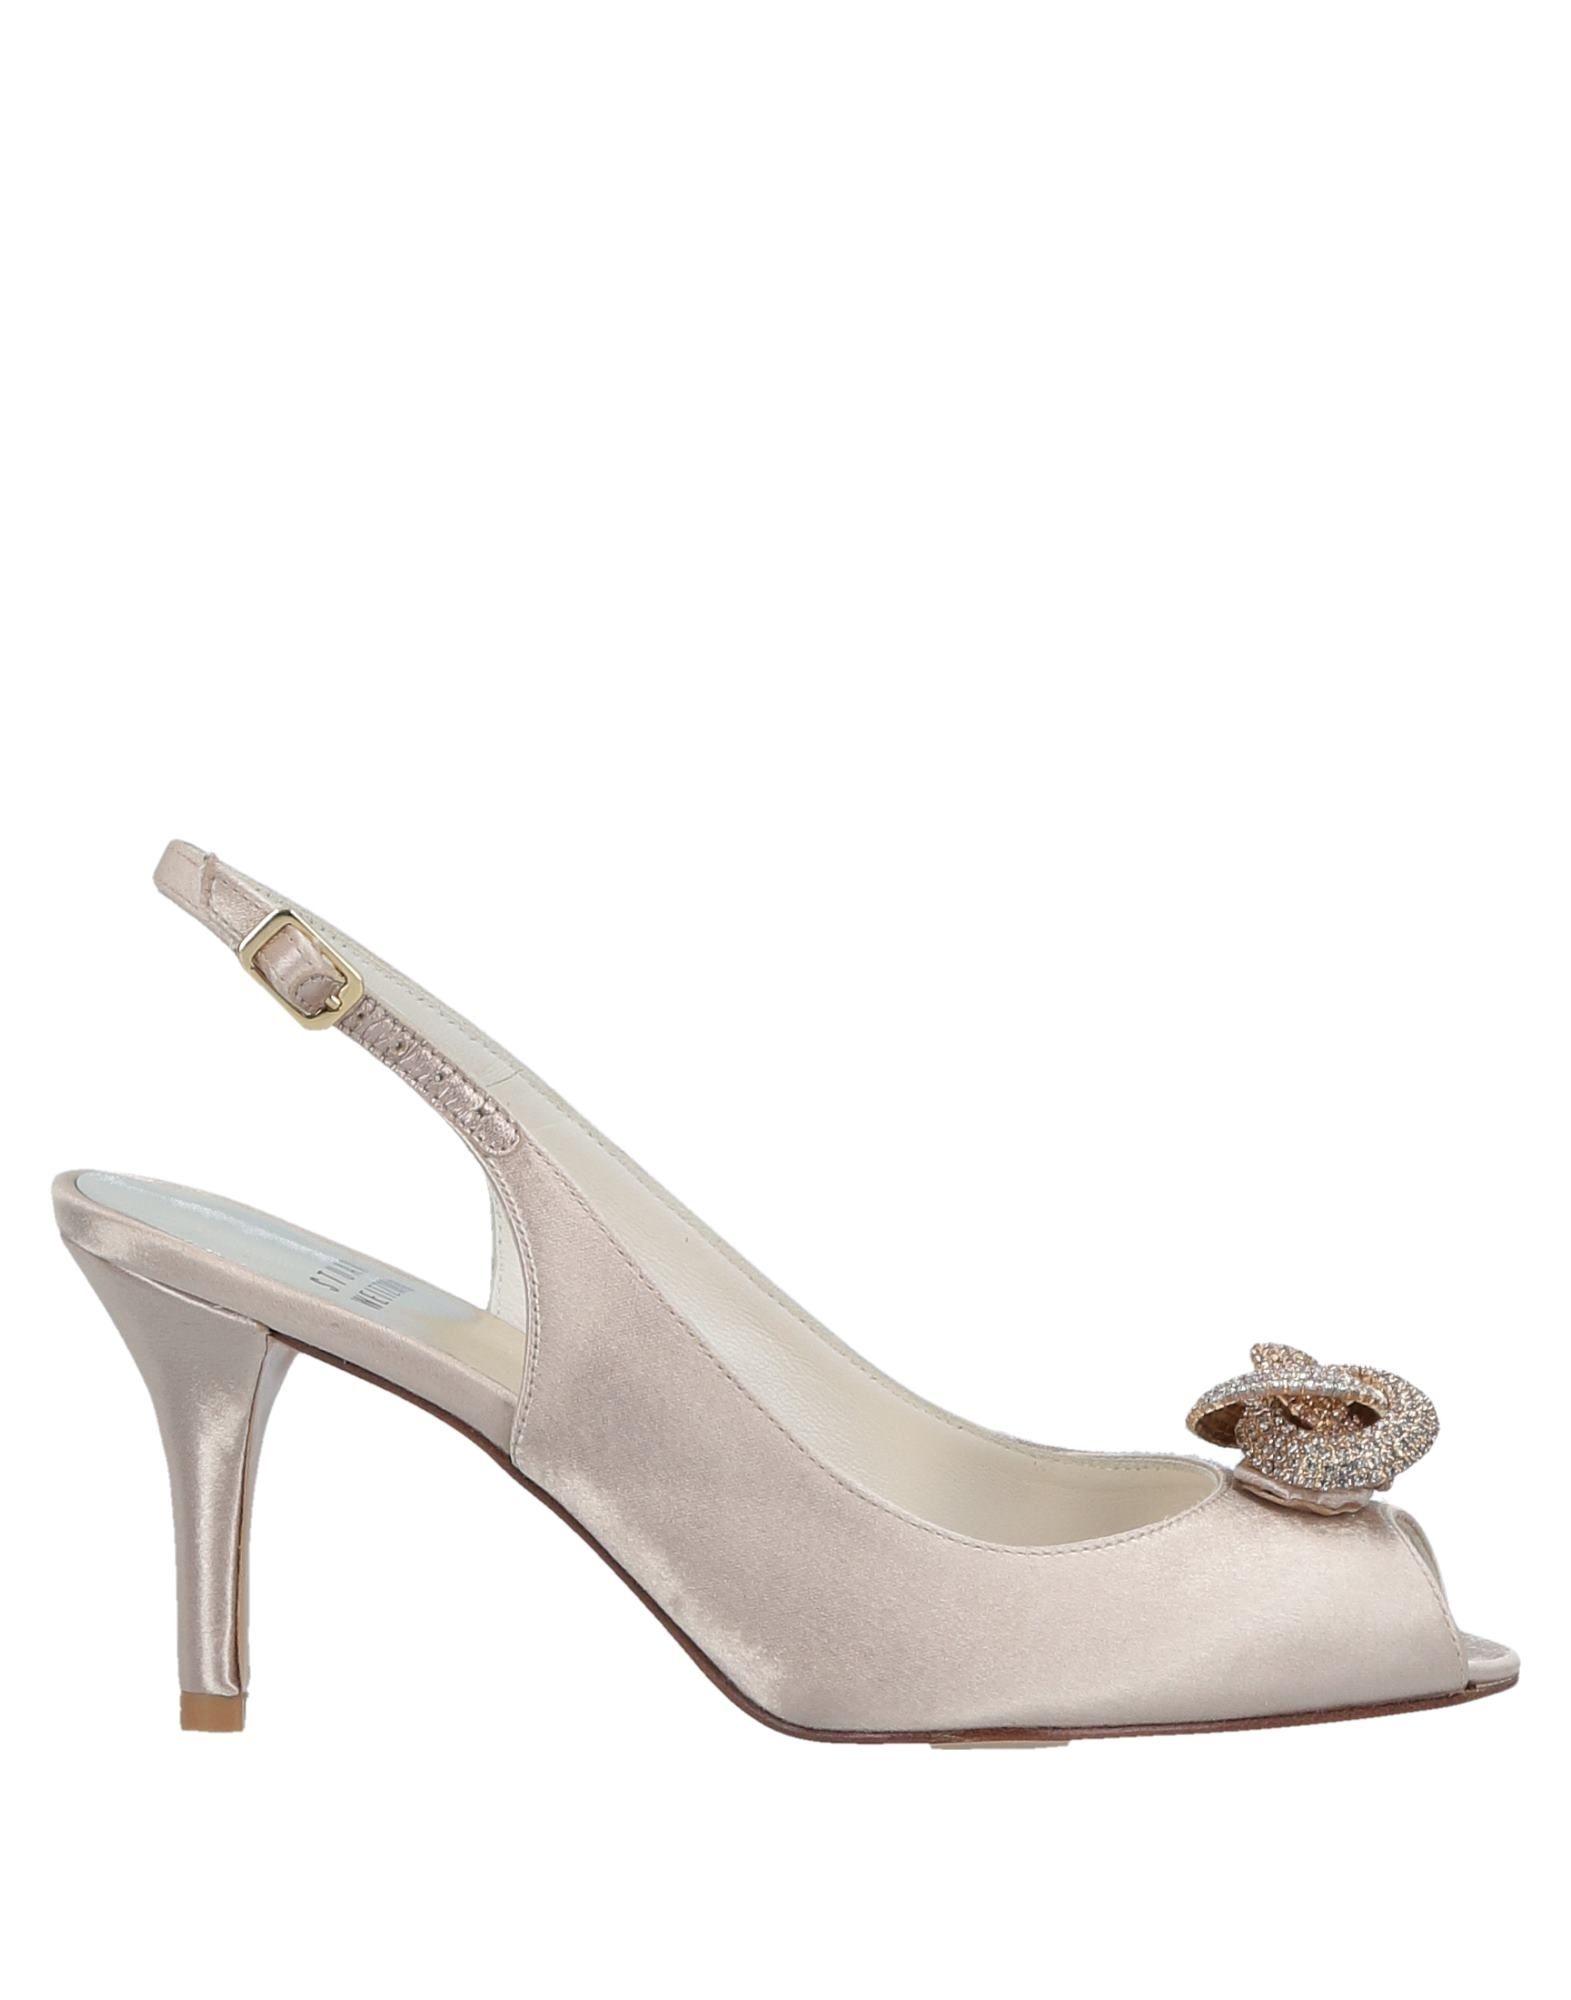 Stuart Weitzman Sandalen Damen  44819999UUGut aussehende strapazierfähige Schuhe